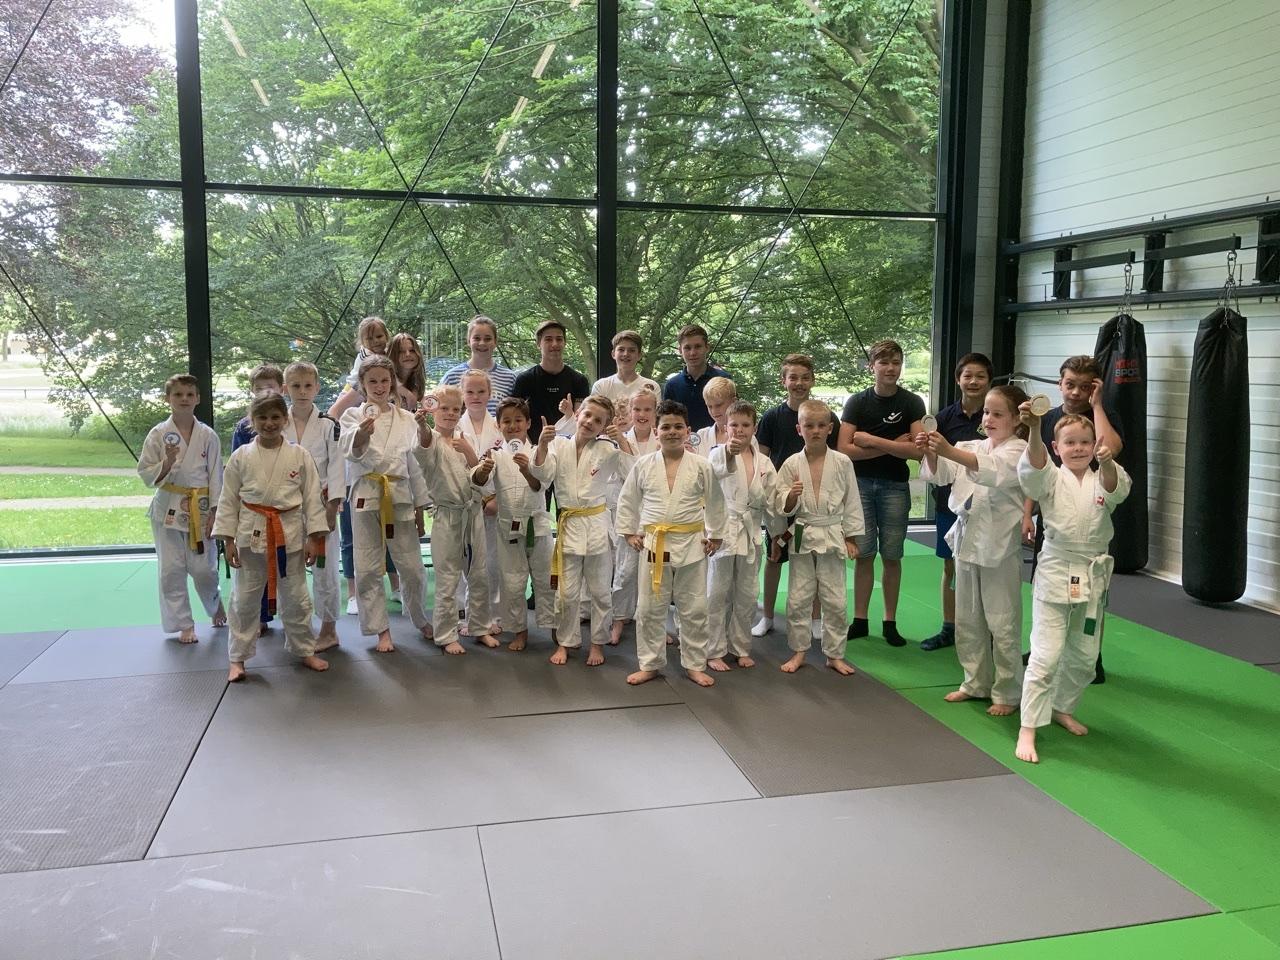 Judoka's Judoschool Haagsma stonden weer op de wedstrijdmat